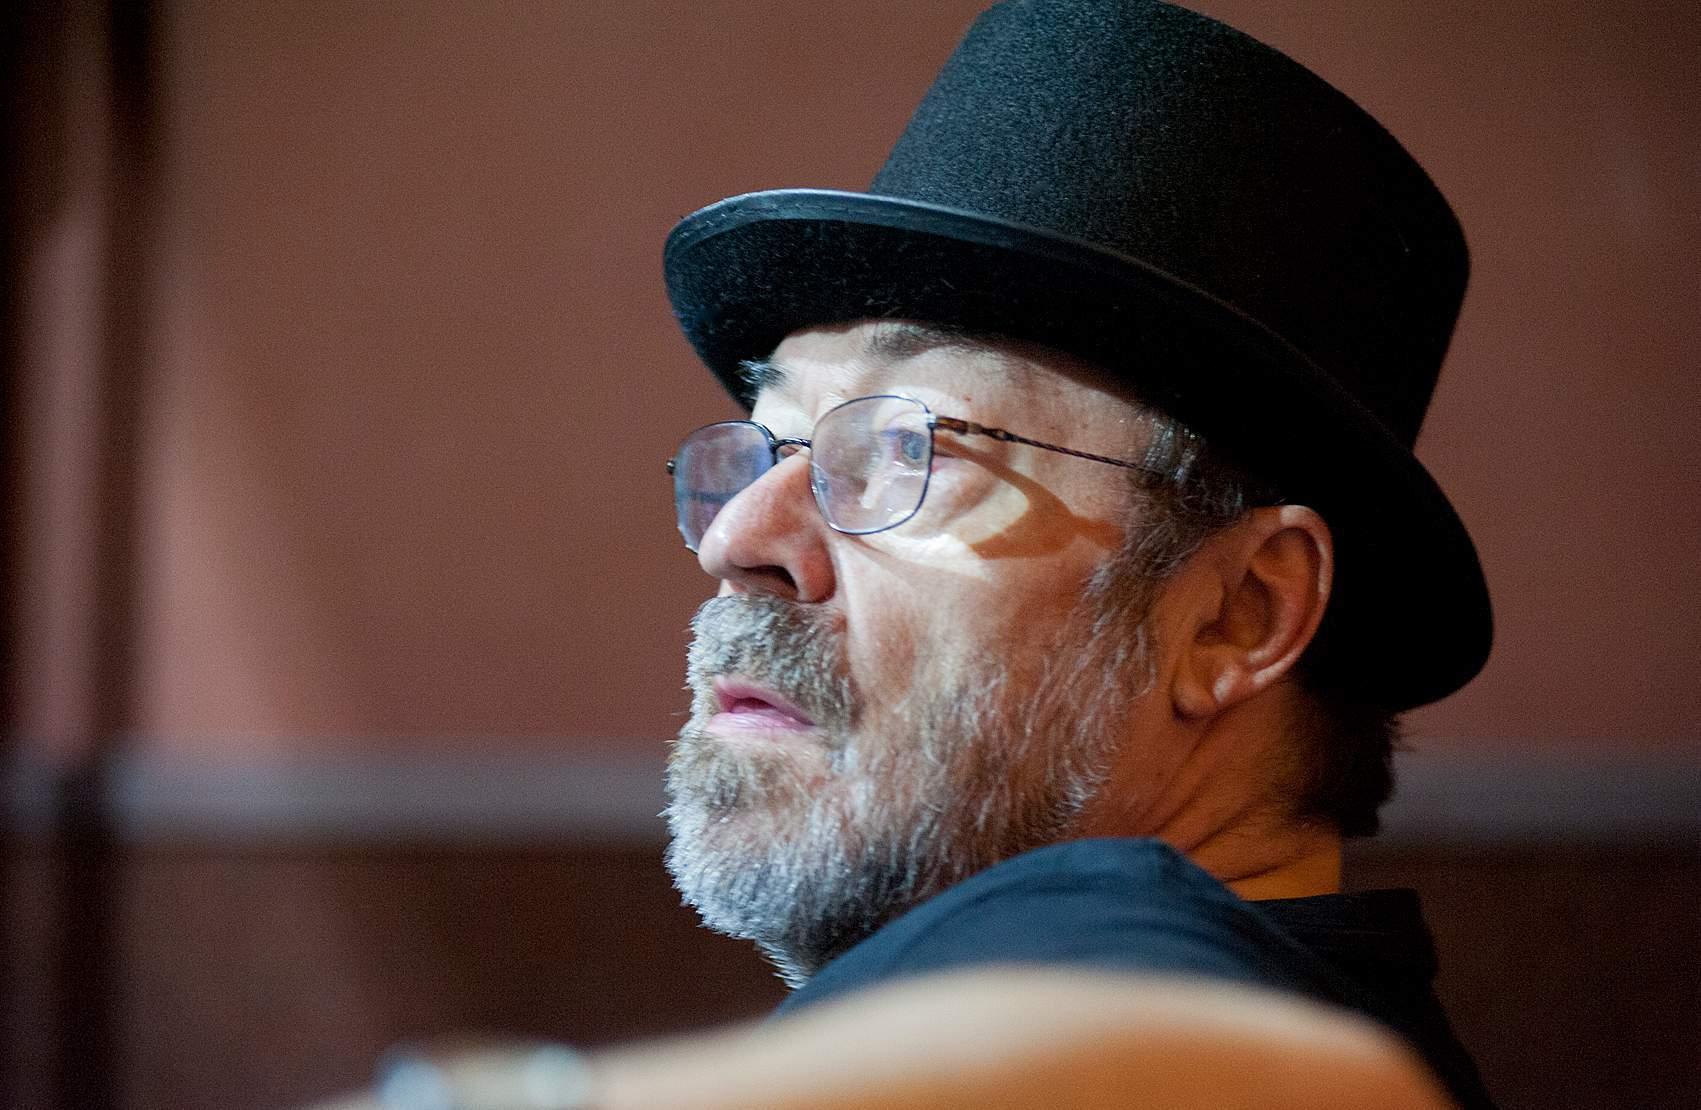 Obrázek herce Milan Špale